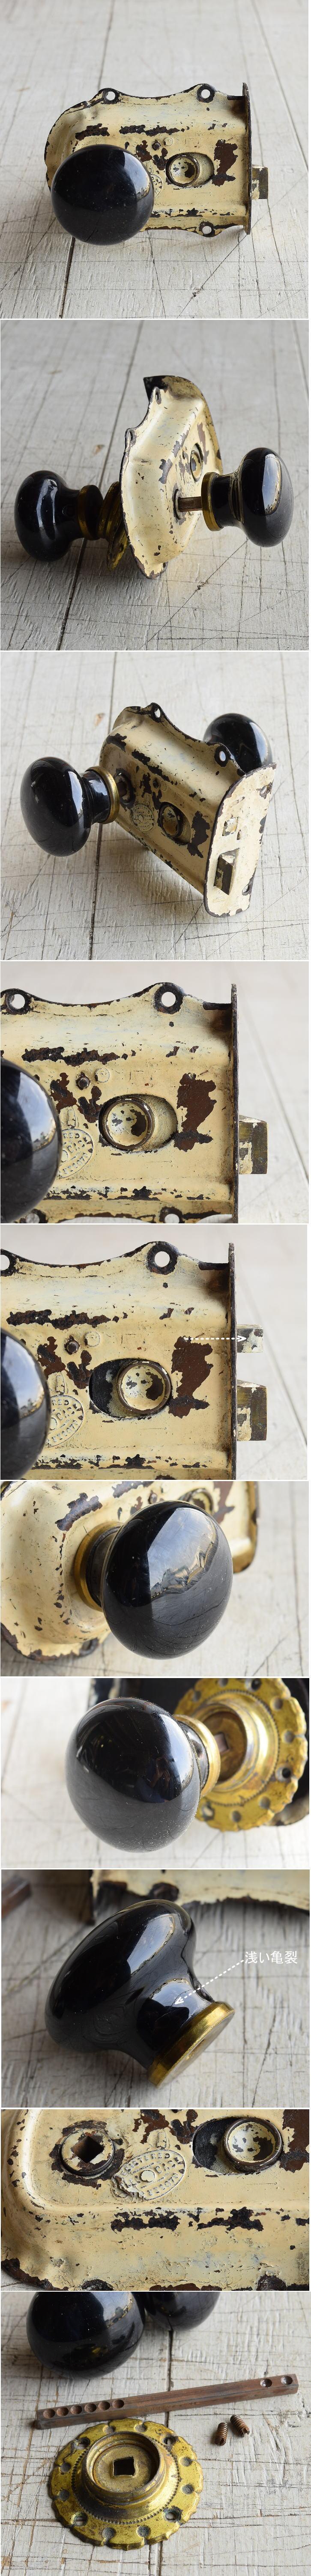 イギリス アンティーク ラッチ&ドアノブ 建具金物 7981